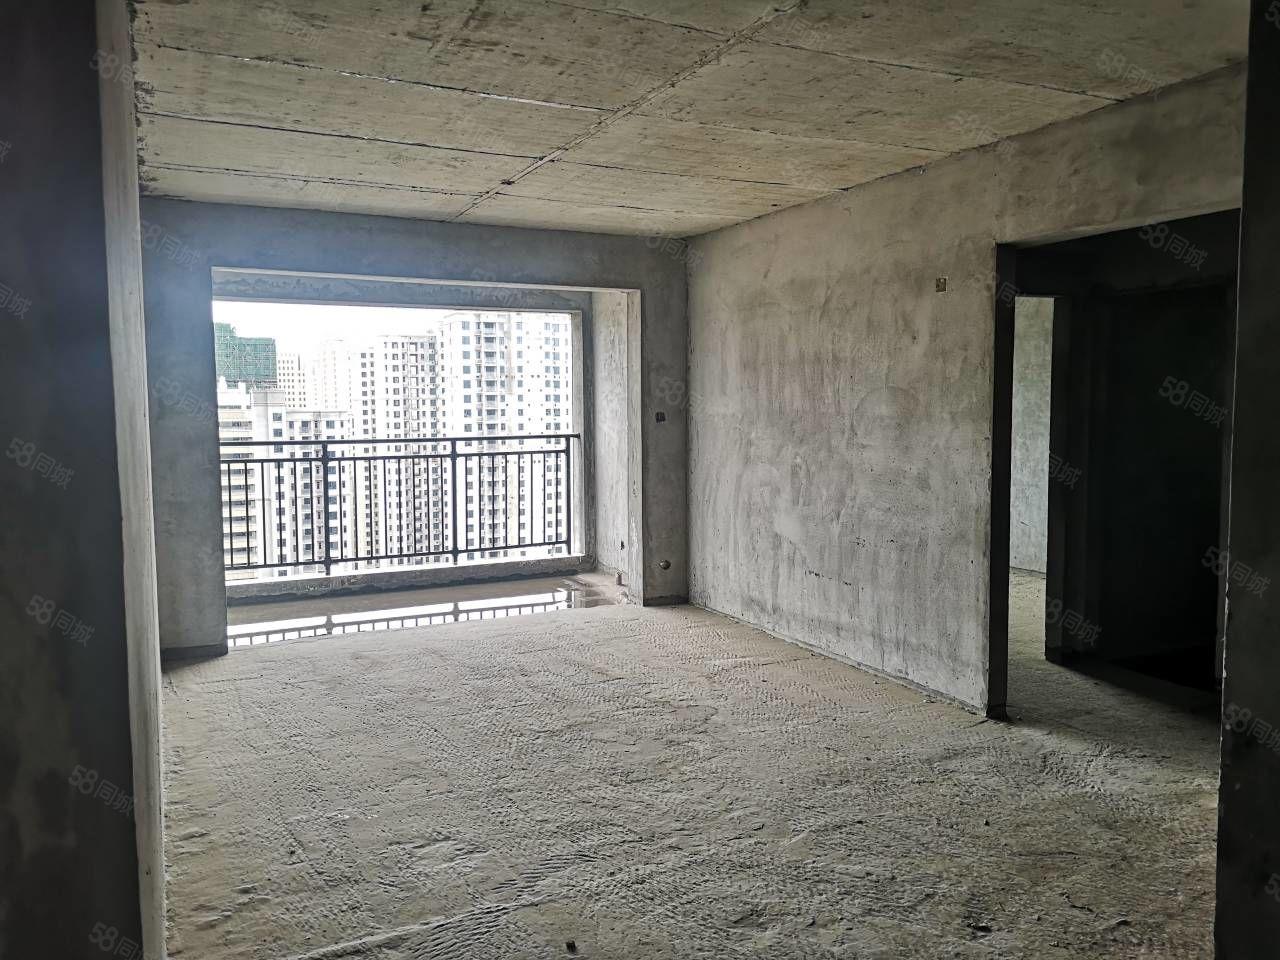 聯家好房長龍中央公園,85平,2室2廳,證滿2年,可按揭